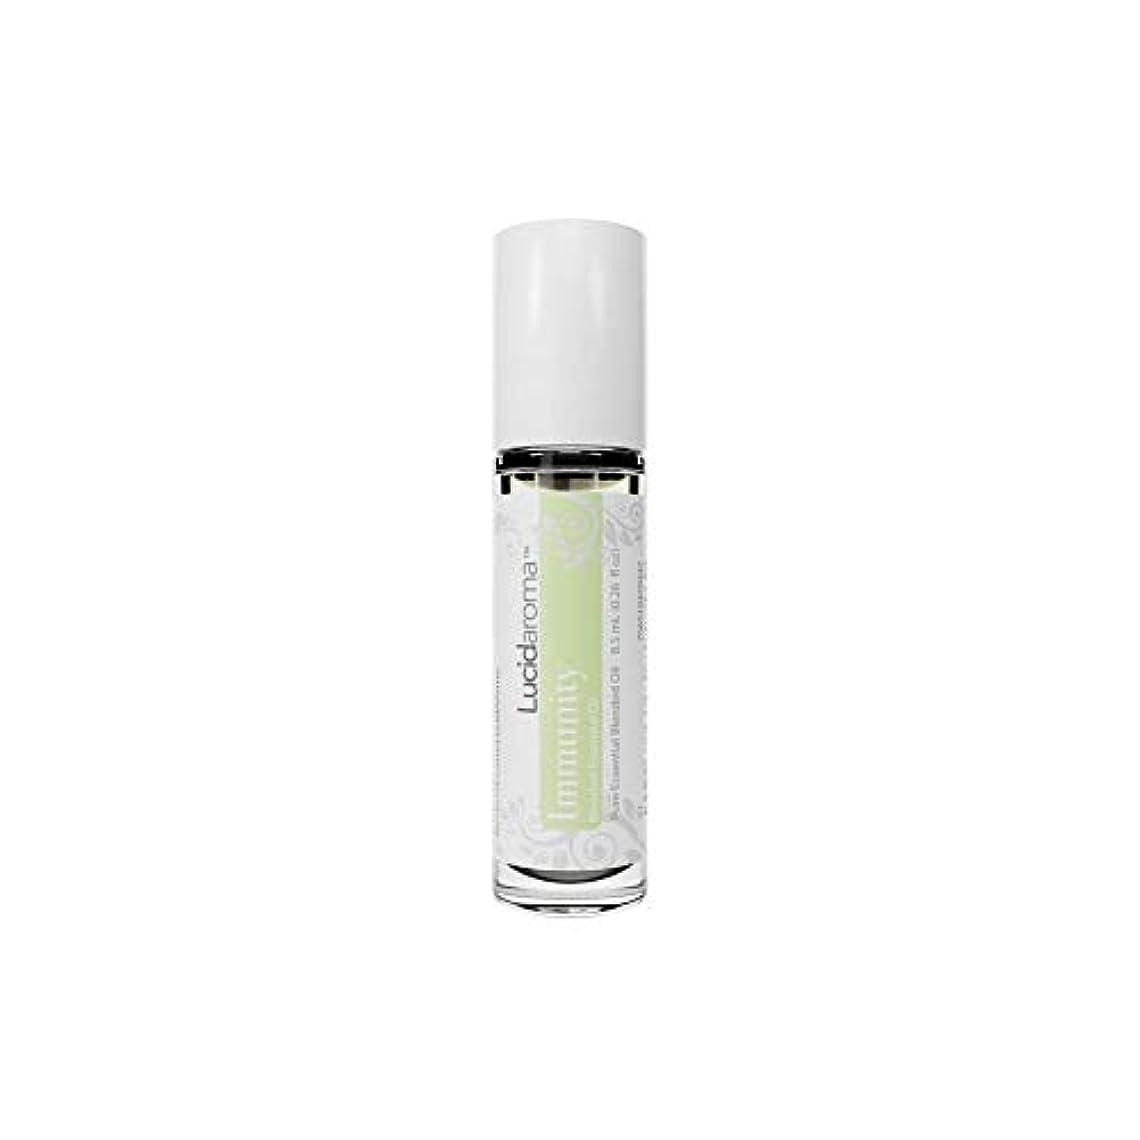 健全ワーディアンケース住人Lucid Aroma Immunity イミュニティ ブレンド ロールオン アロマオイル 8.5mL (塗るアロマ) 100%天然 携帯便利 ピュア エッセンシャル アメリカ製